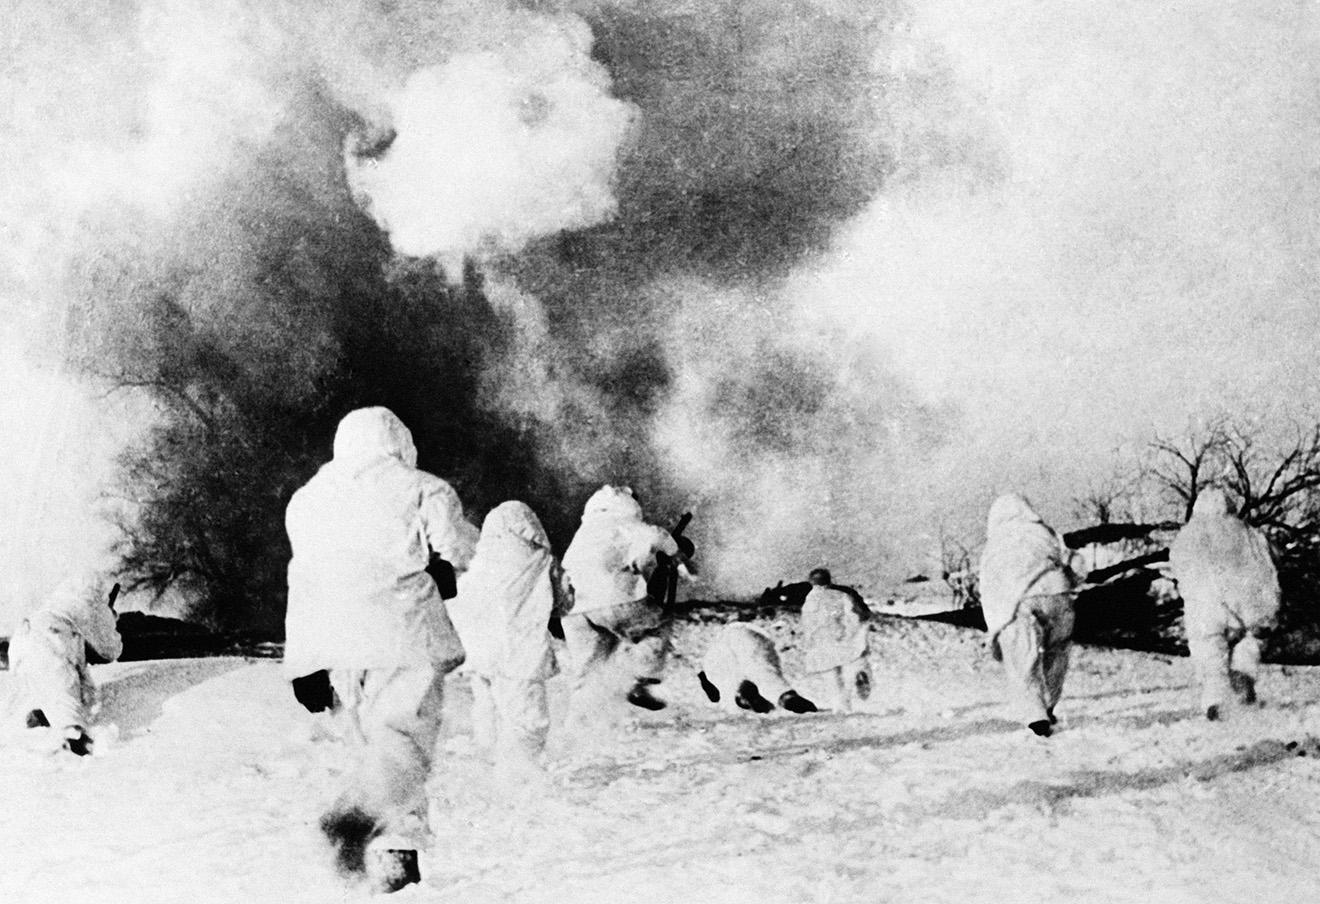 Разгром немецких войск под Москвой. Бойцы 5-й армии идут в наступление, 1941 год.